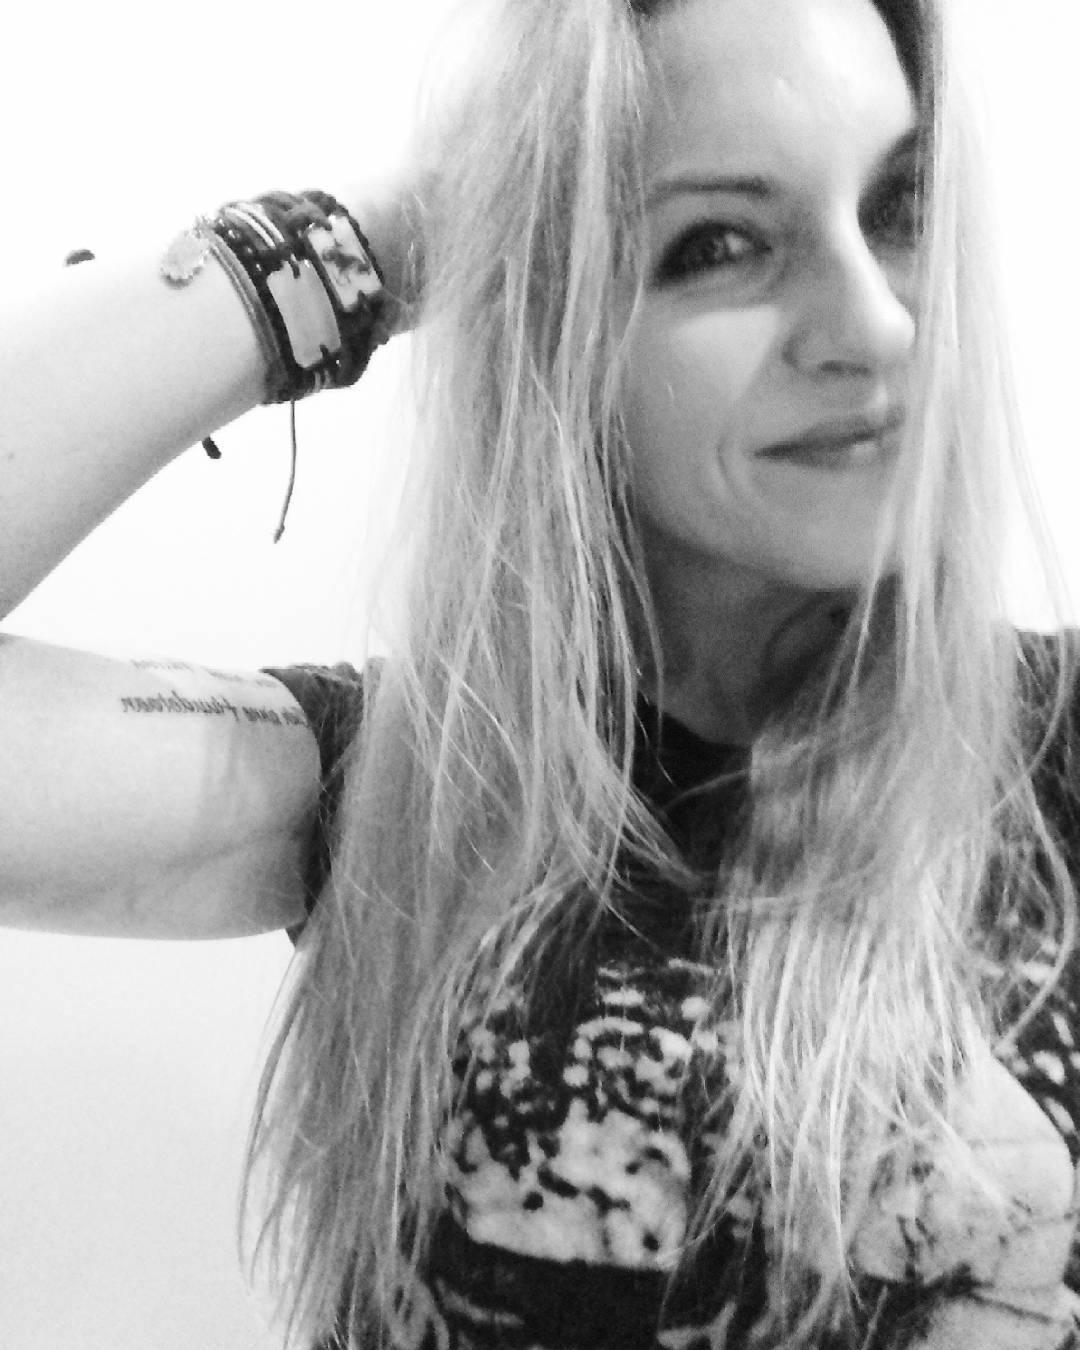 #rocker #grunge #rock #szogun #metalhead #tatuaż #tattoo #tattoedgirl #inked #blondegirl #blondynka #polishgirl #trash #capricorn